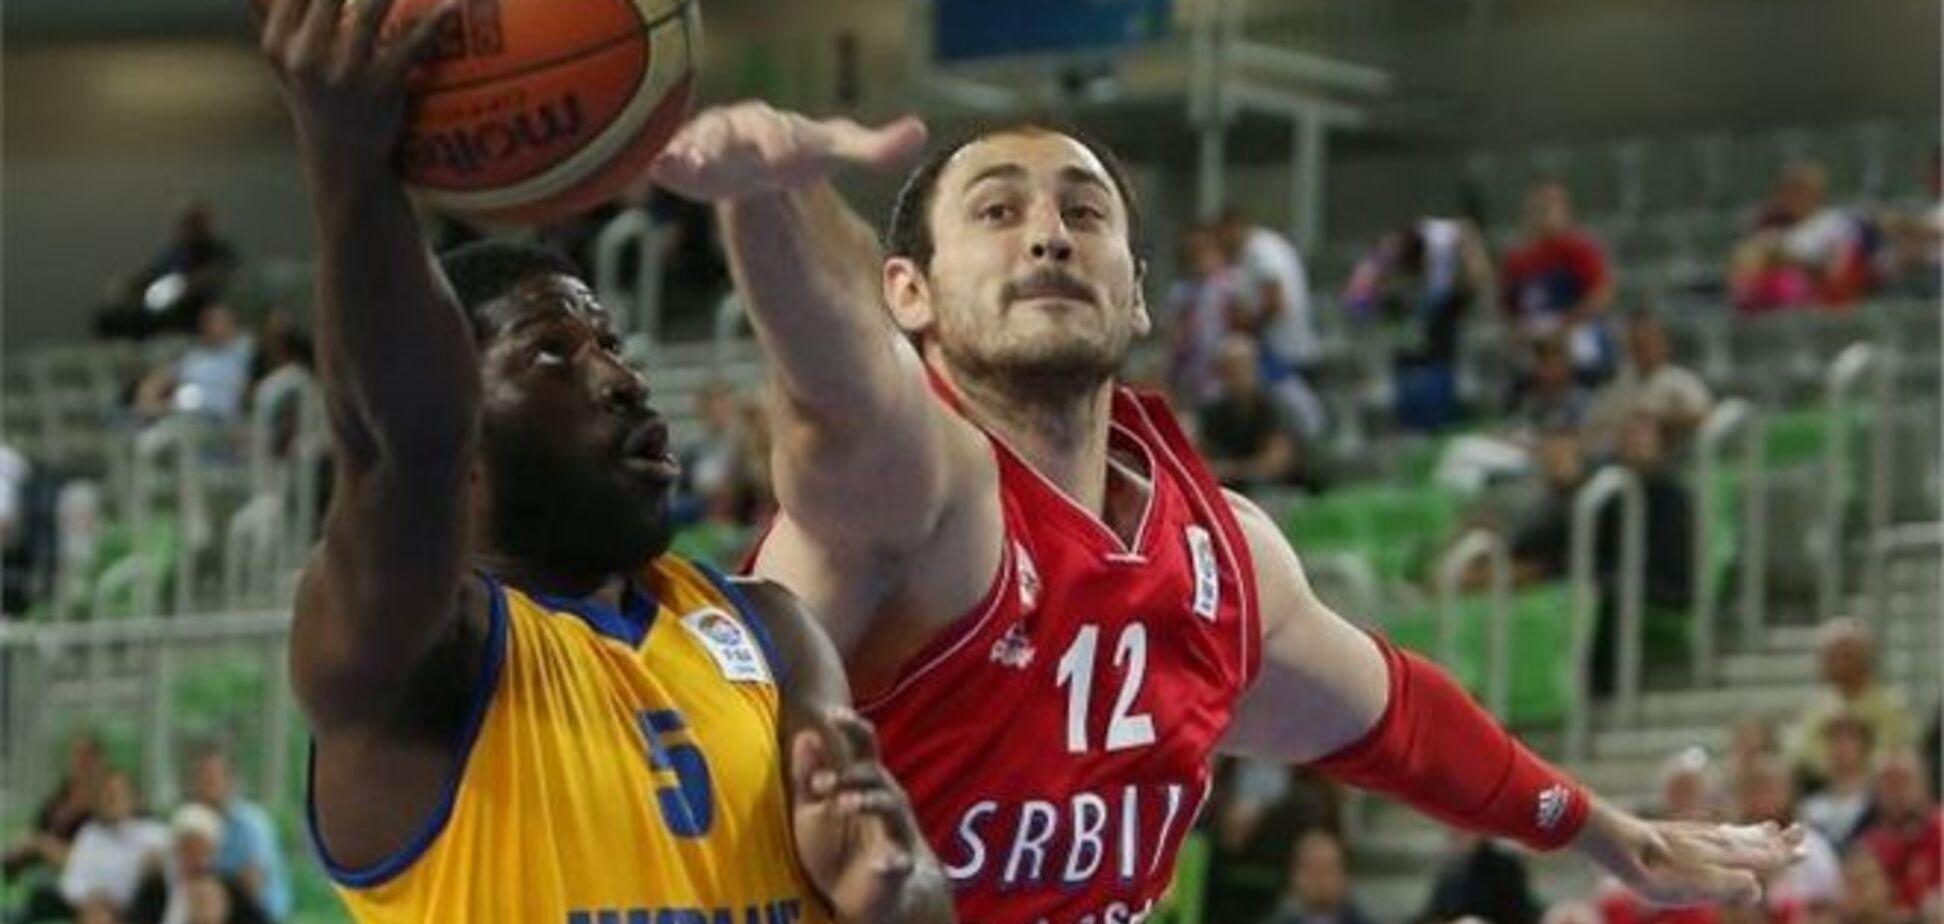 Лидер сборной Украины: провели три волшебных недели на Евробаскете